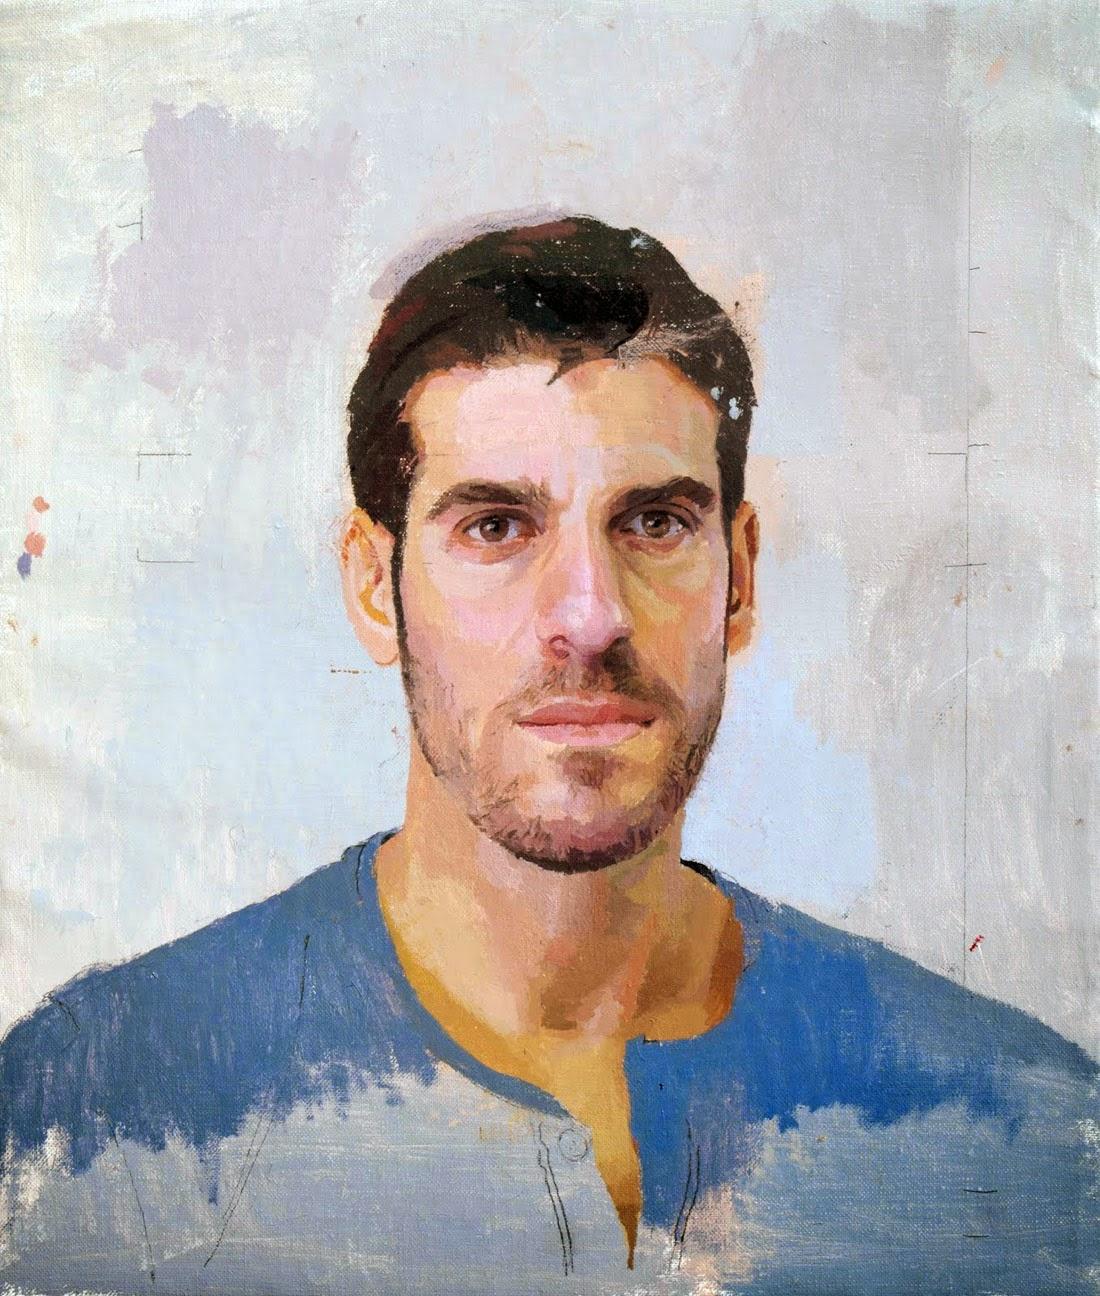 Galería de retratos figurativos, Eduardo Millán, Andrés García Ibáñez - Eduardo%252BMillan%252B(Cad%25C3%25ADz,%252B1979%252B-%252B)